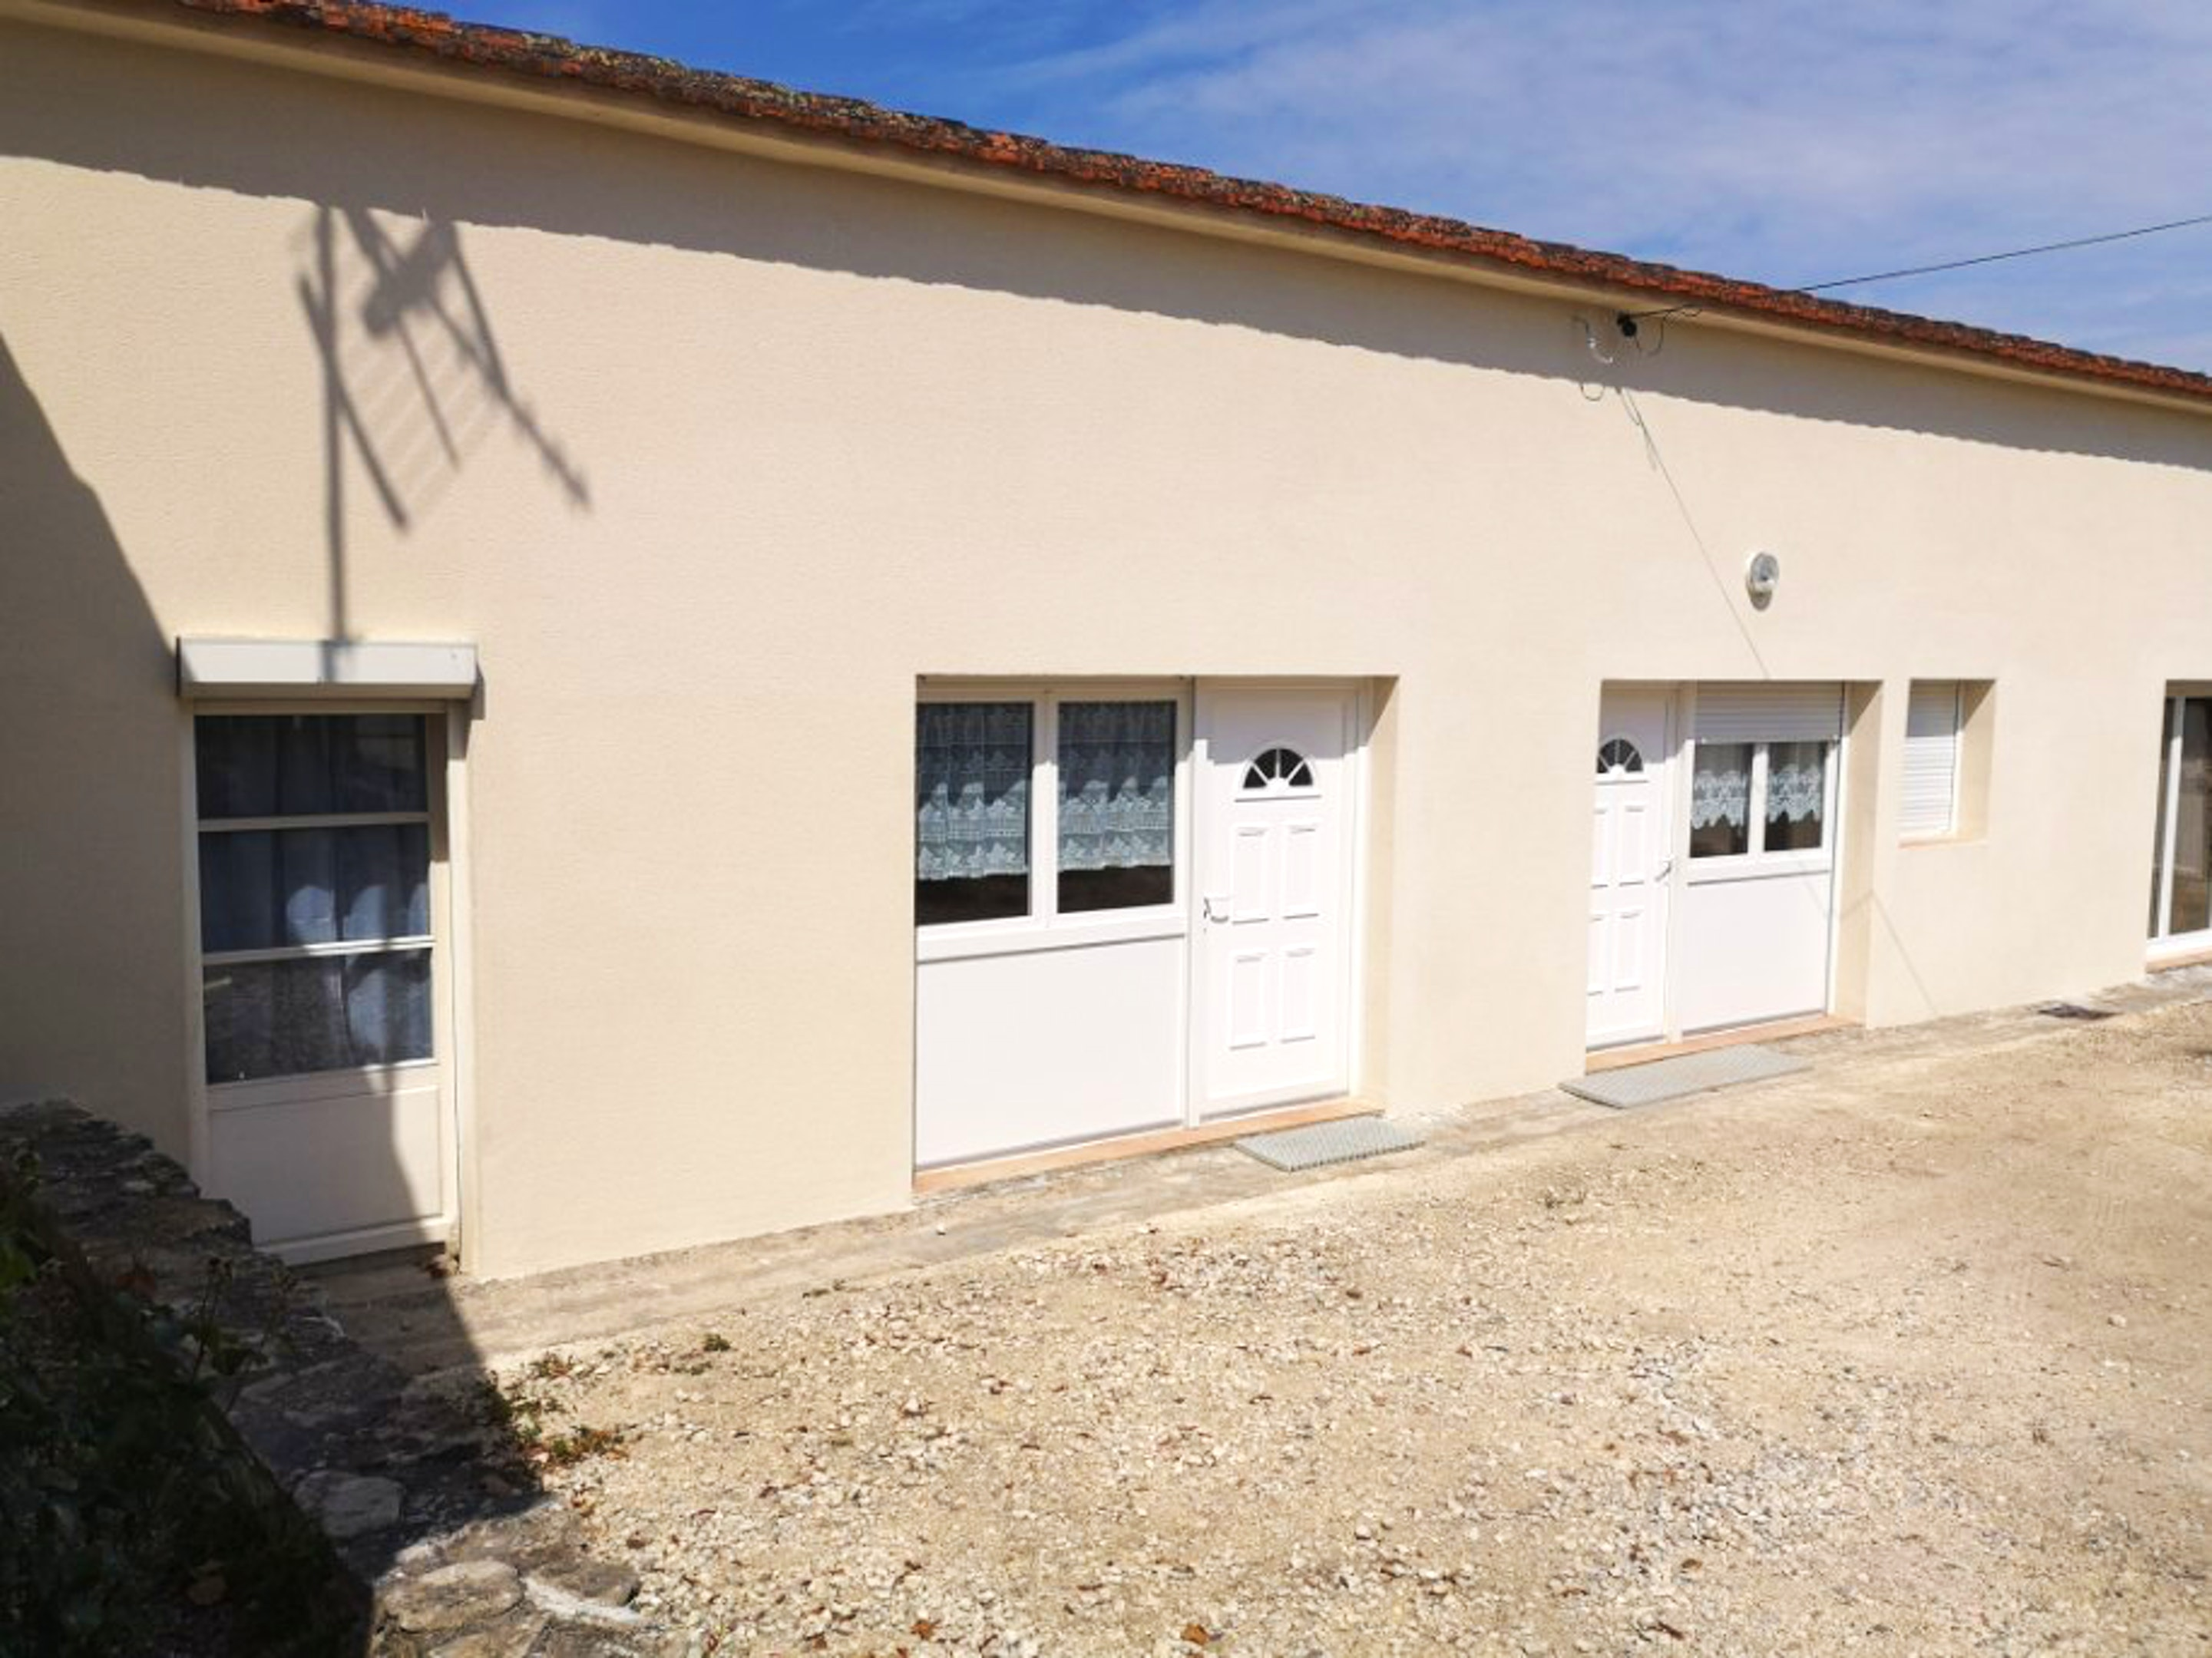 Maison de vacances Haus mit 3 Schlafzimmern in Blaye mit eingezäuntem Garten und W-LAN (2412383), Blaye, Gironde, Aquitaine, France, image 20